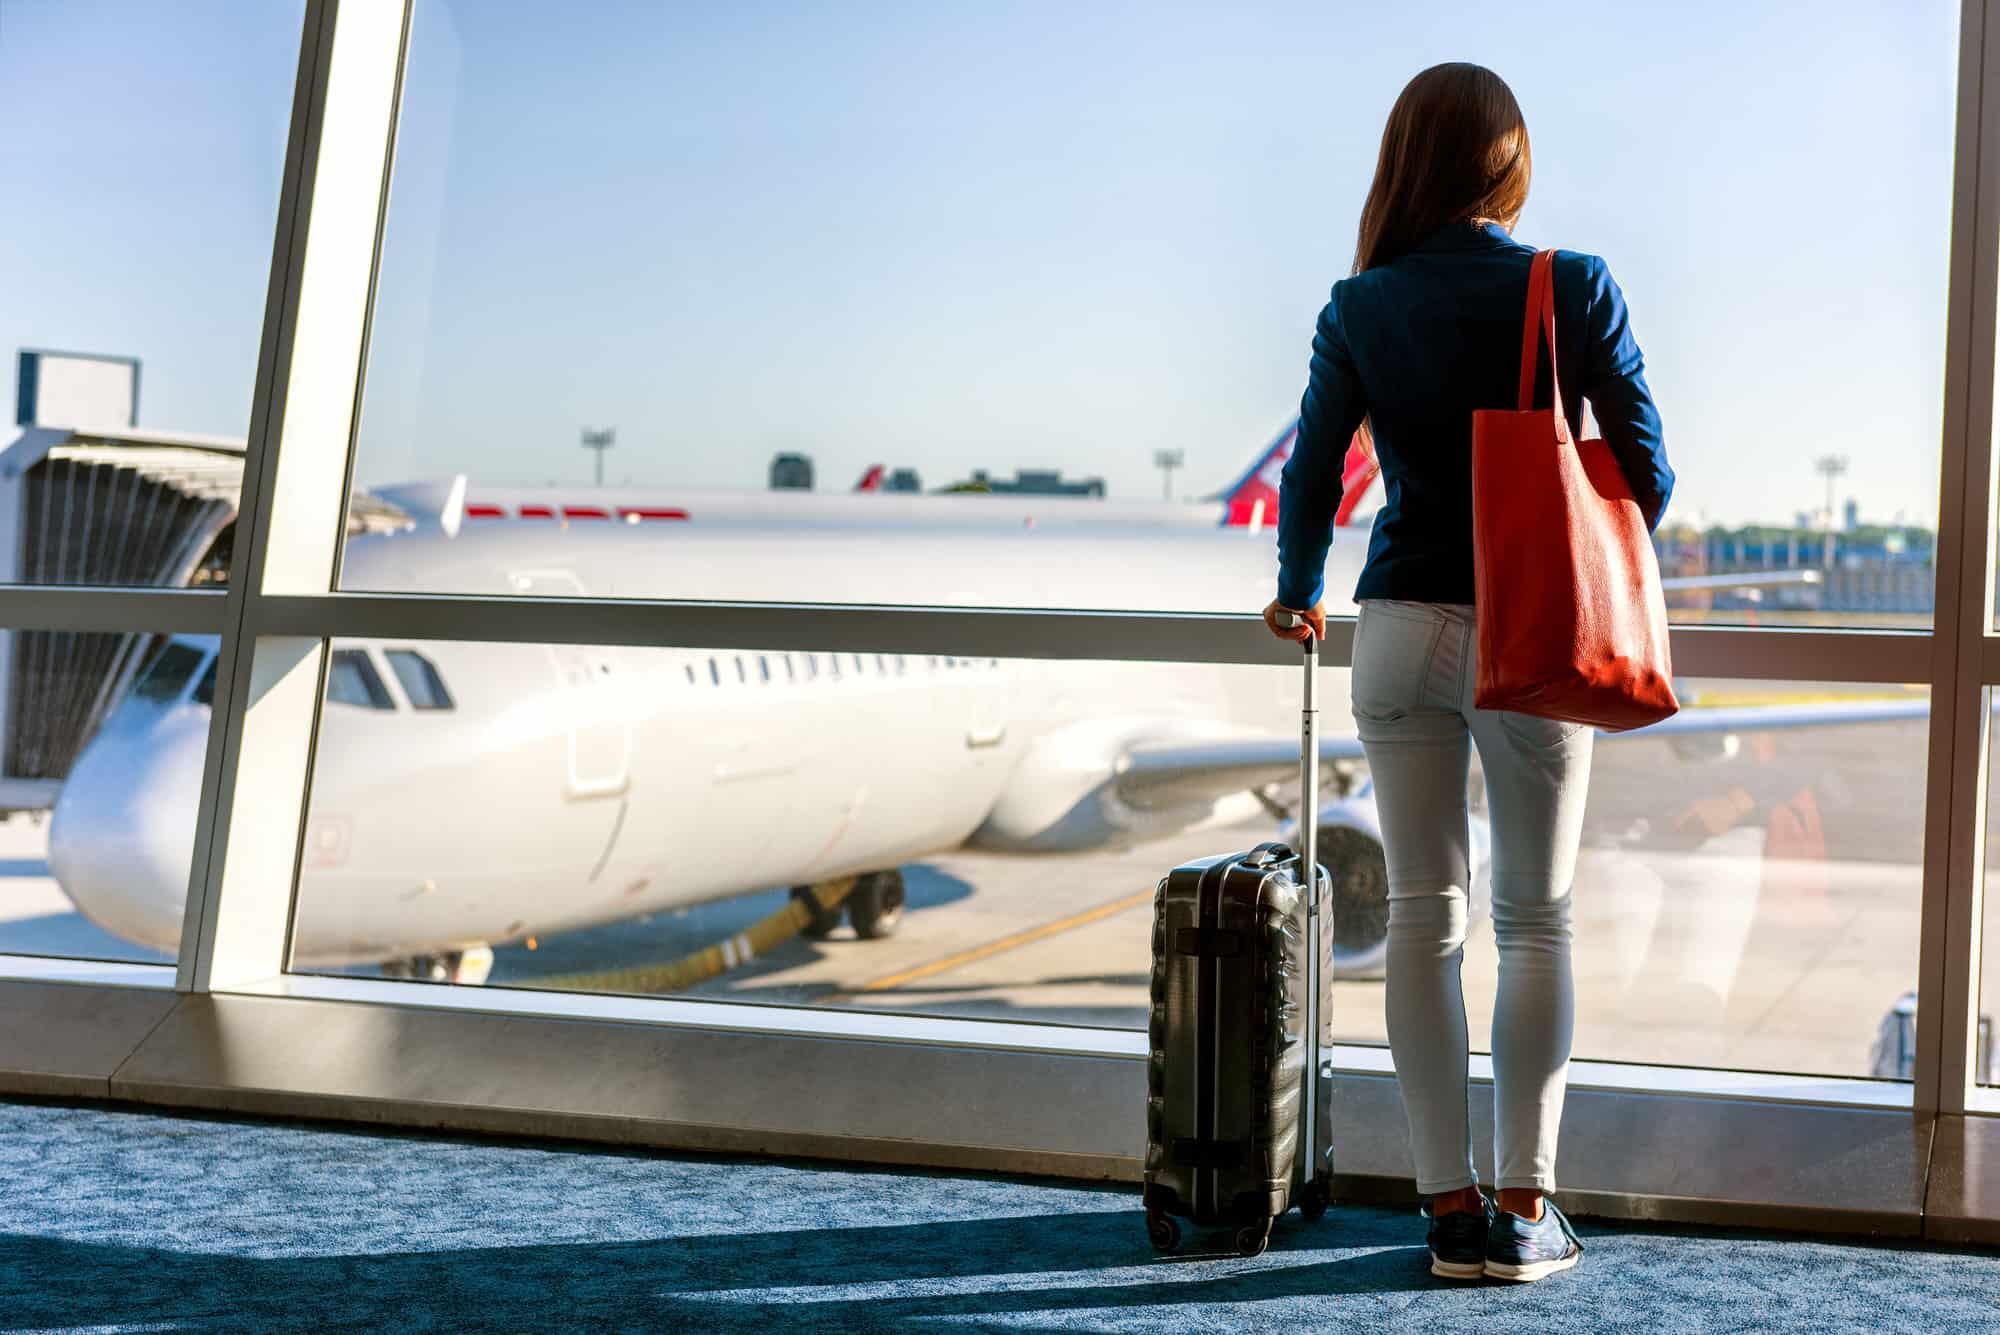 10 Tipps, wie der nächste Flug problemlos abläuft